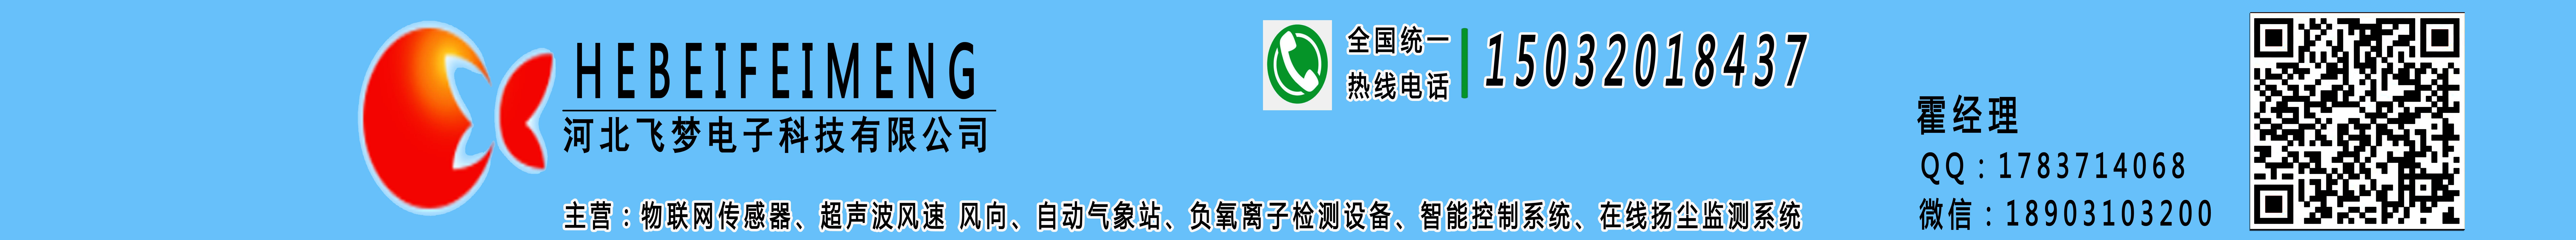 河北飞梦电子科技有限公司